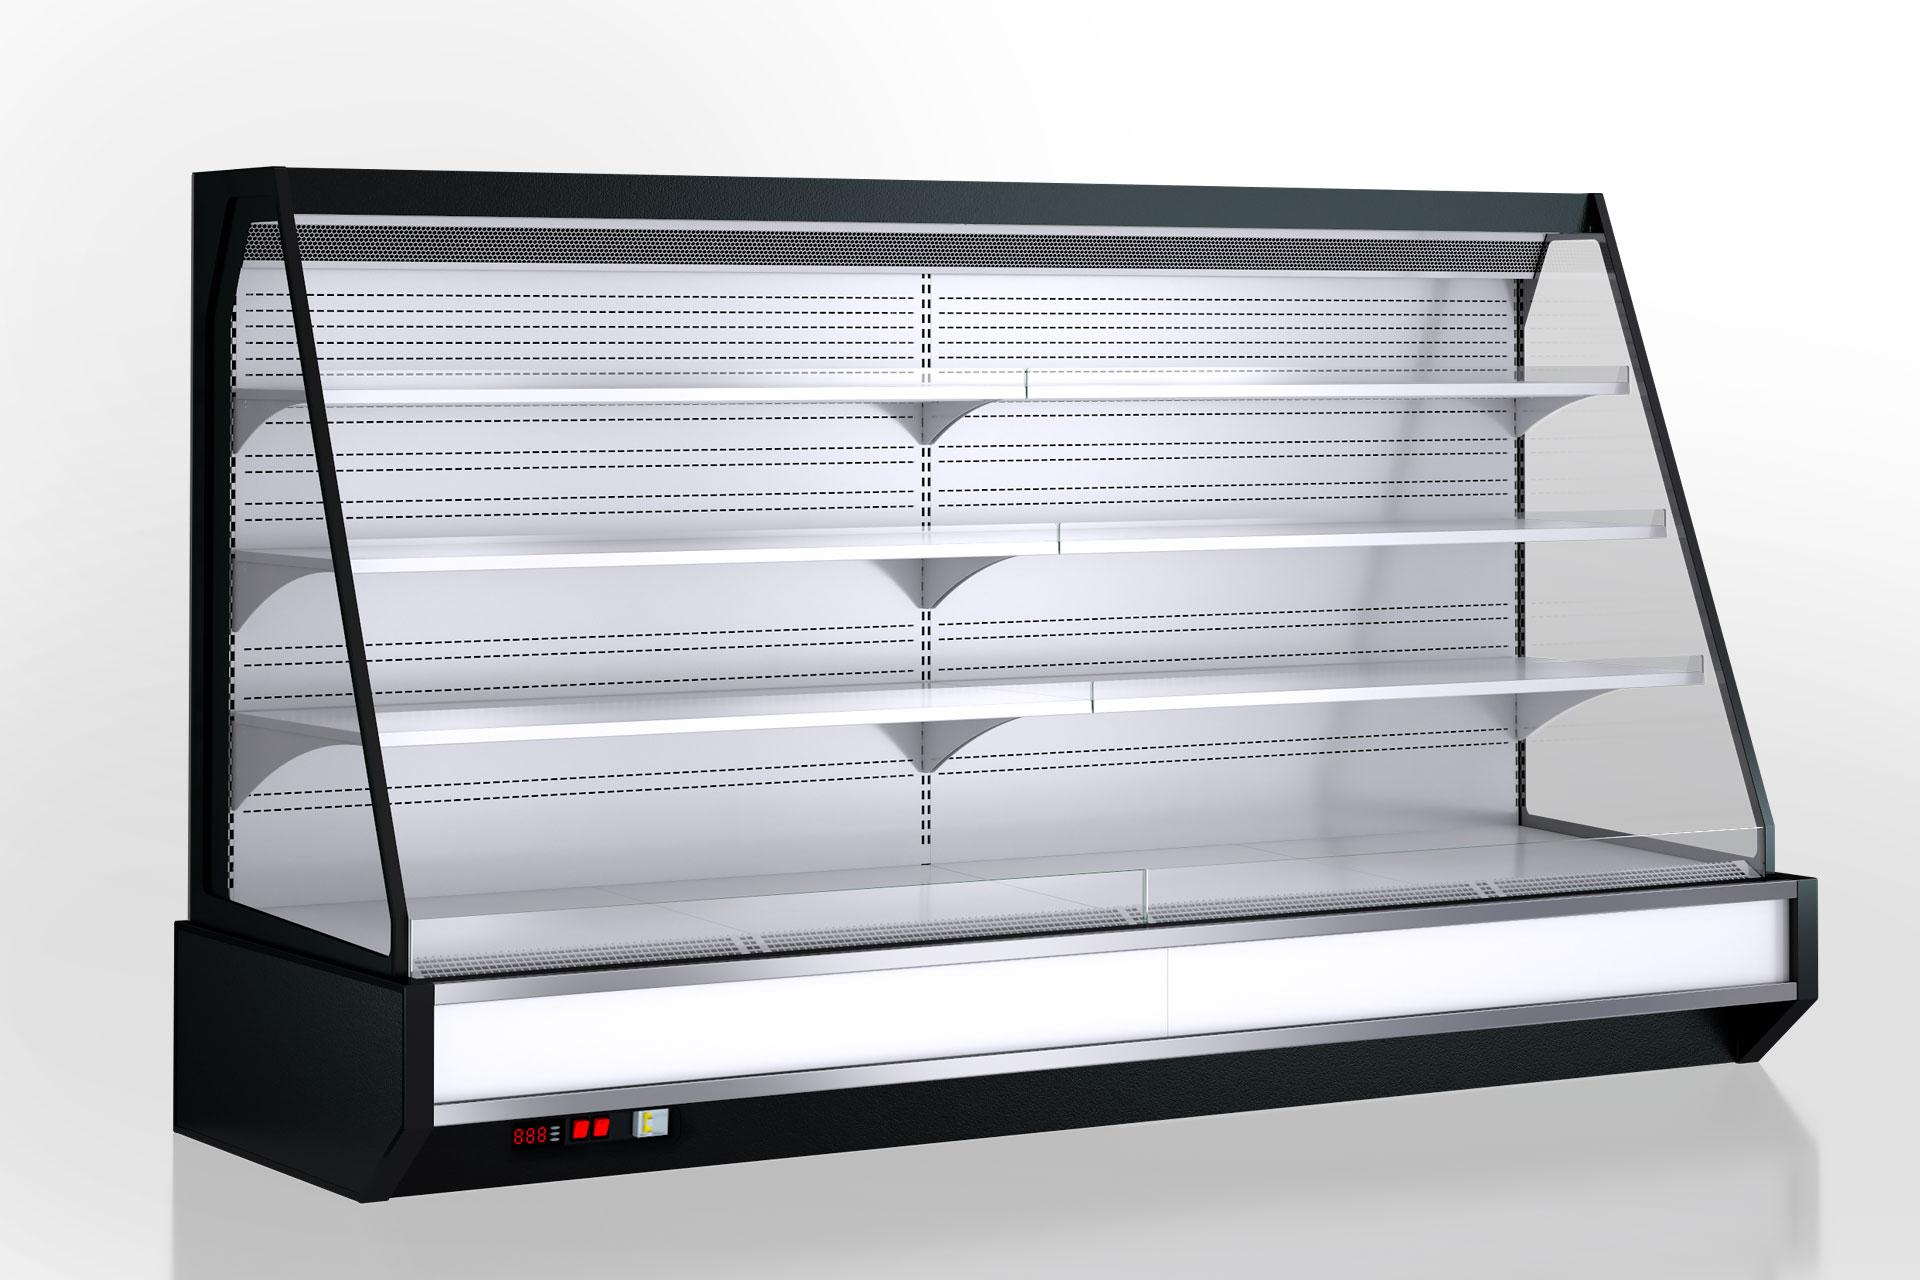 Холодильні напіввертикальні вітрини Мissouri cold diamond island MV 087 deli self 150-DLM